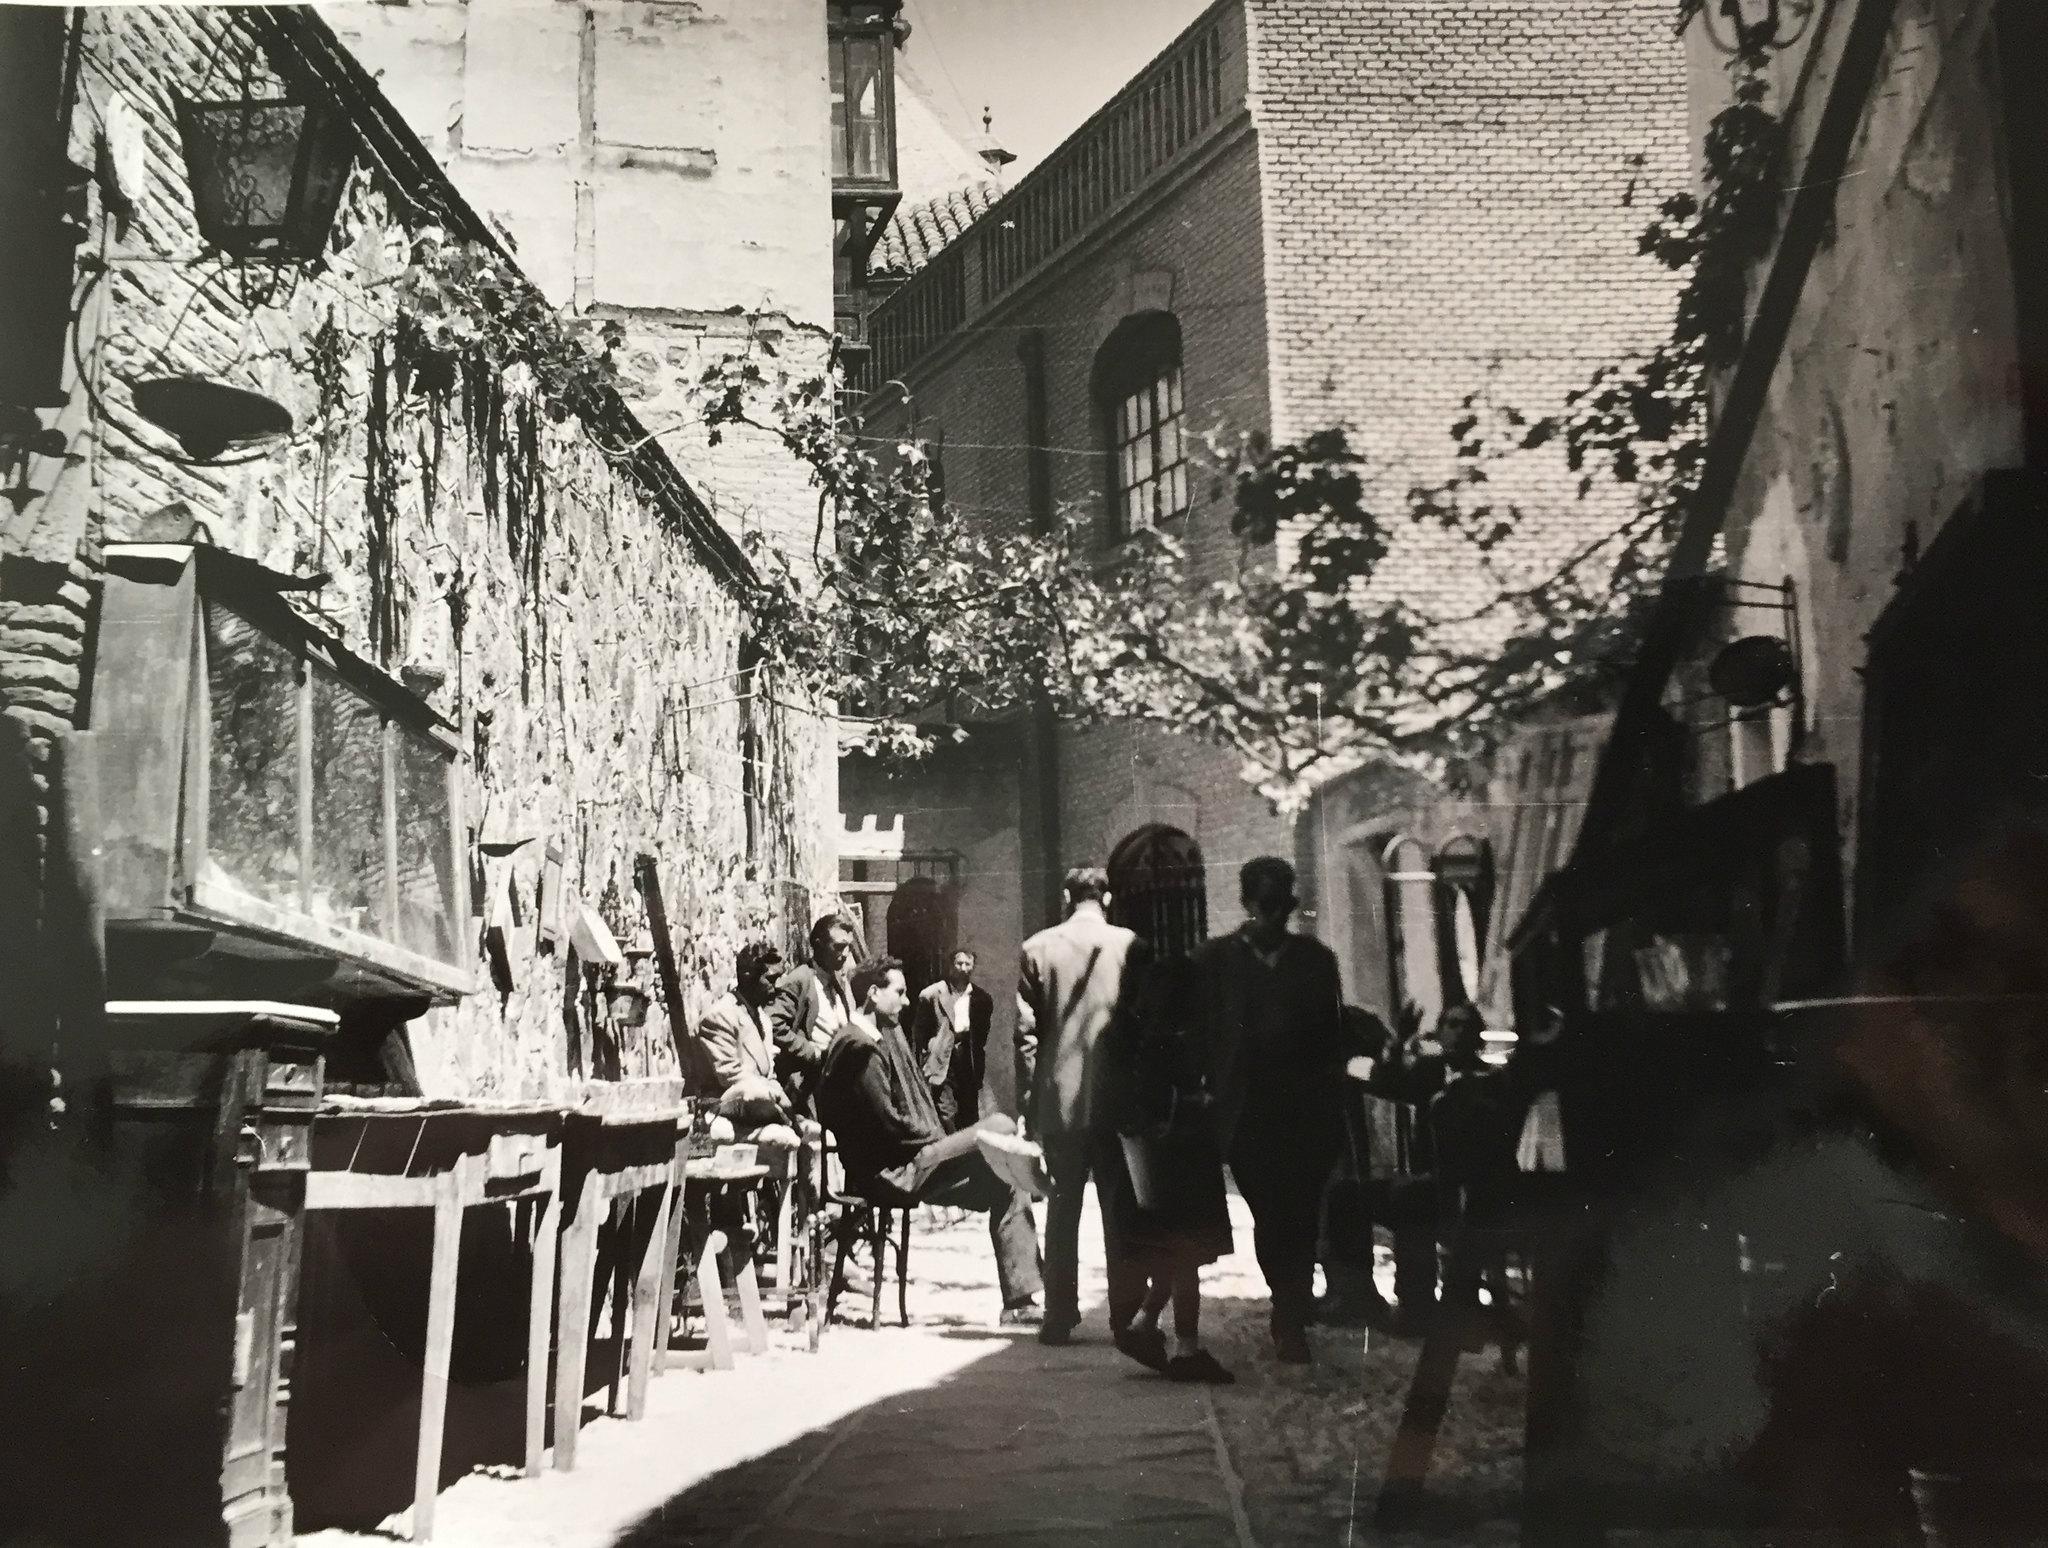 Hoy ya no es lo que era, pero el Pasadizo de Balaguer fue hasta los años 70 uno de los lugares más pintorescos de la ciudad por la presencia del anticuario que le daba nombre. Colección Luis Alba.